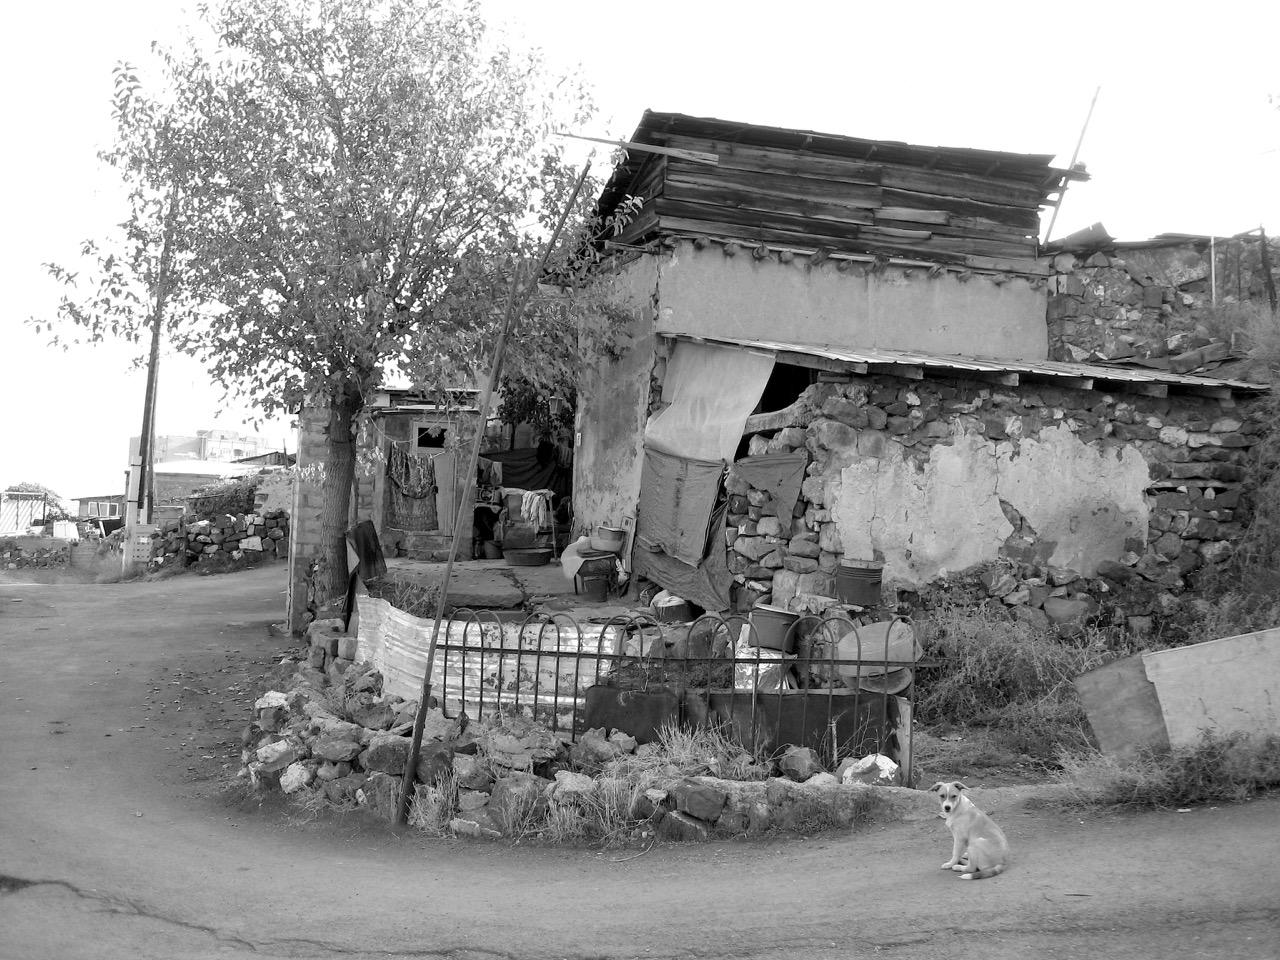 Foto: Kond (Կոնդ). Aus: Eriwan. Kapitel 5. Aufzeichnungen aus Armenien von Marc Degens.